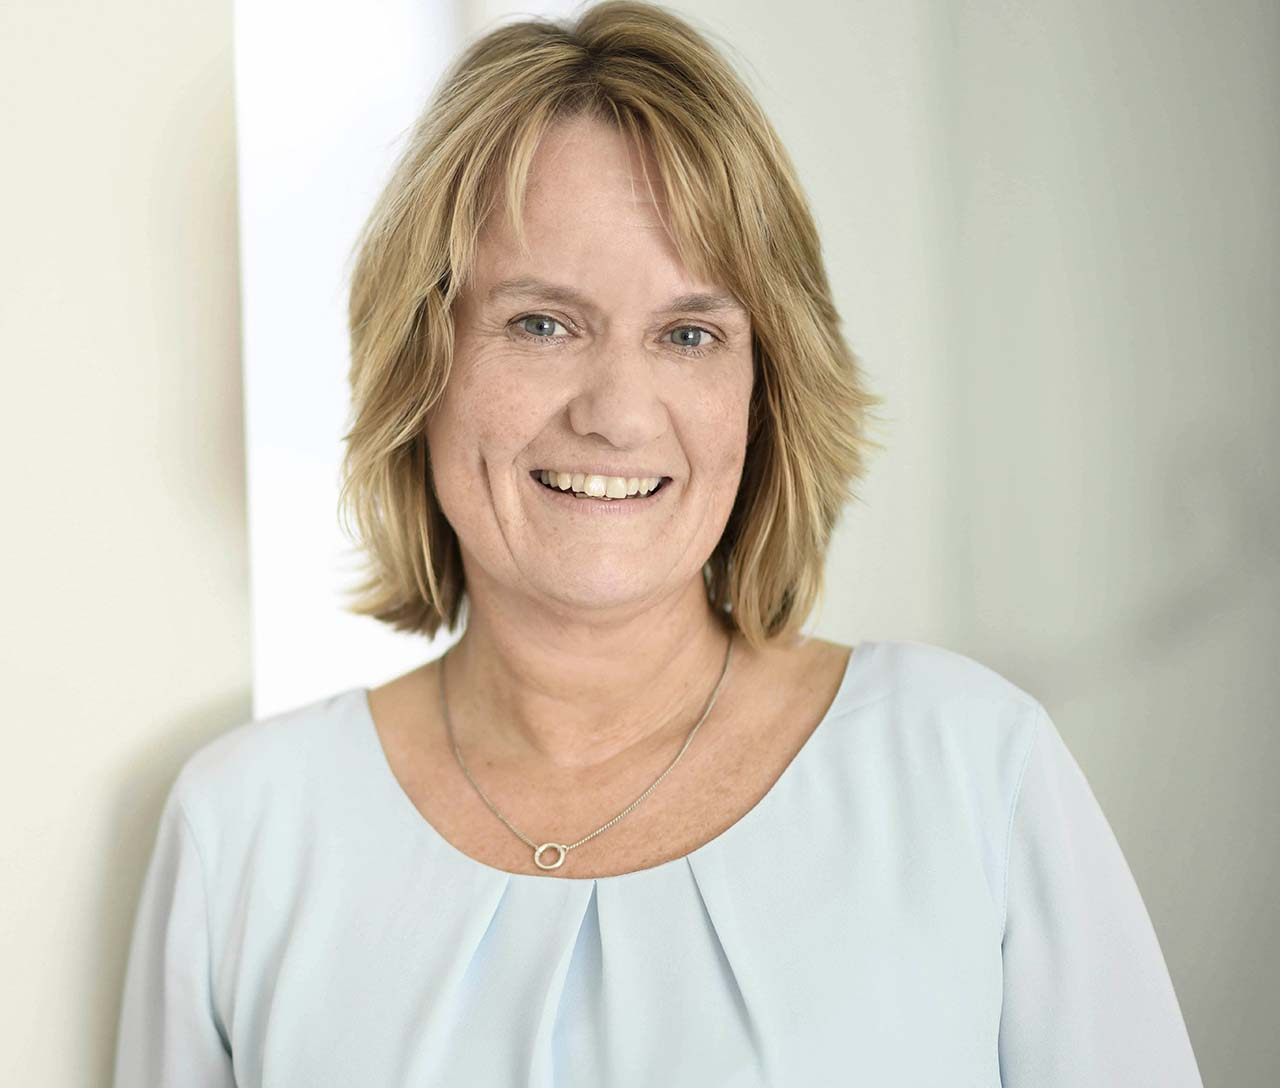 Frau Schroeder Porträt